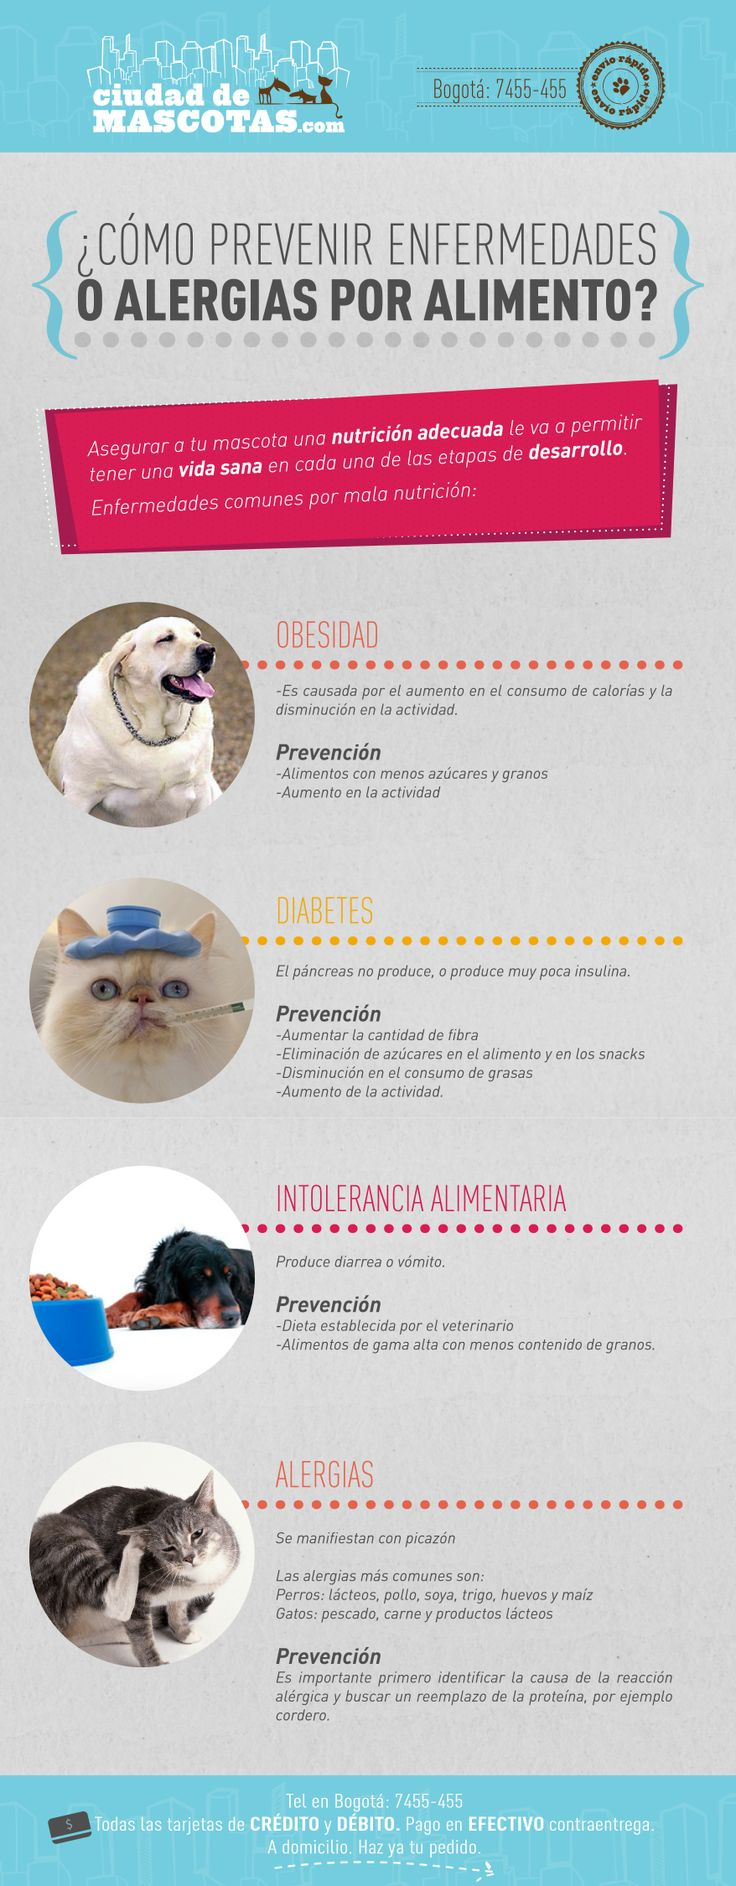 Cuidar la salud nutricional de tu mascota le provee una mejor calidad de vida. El alimento de tu perro y de tu gato es la base fundamental de su salud. Si quieres saber más de nutrición haz clic aquí http://mi.ciudaddemascotas.com/alimento-holstico-perros-y-gatos